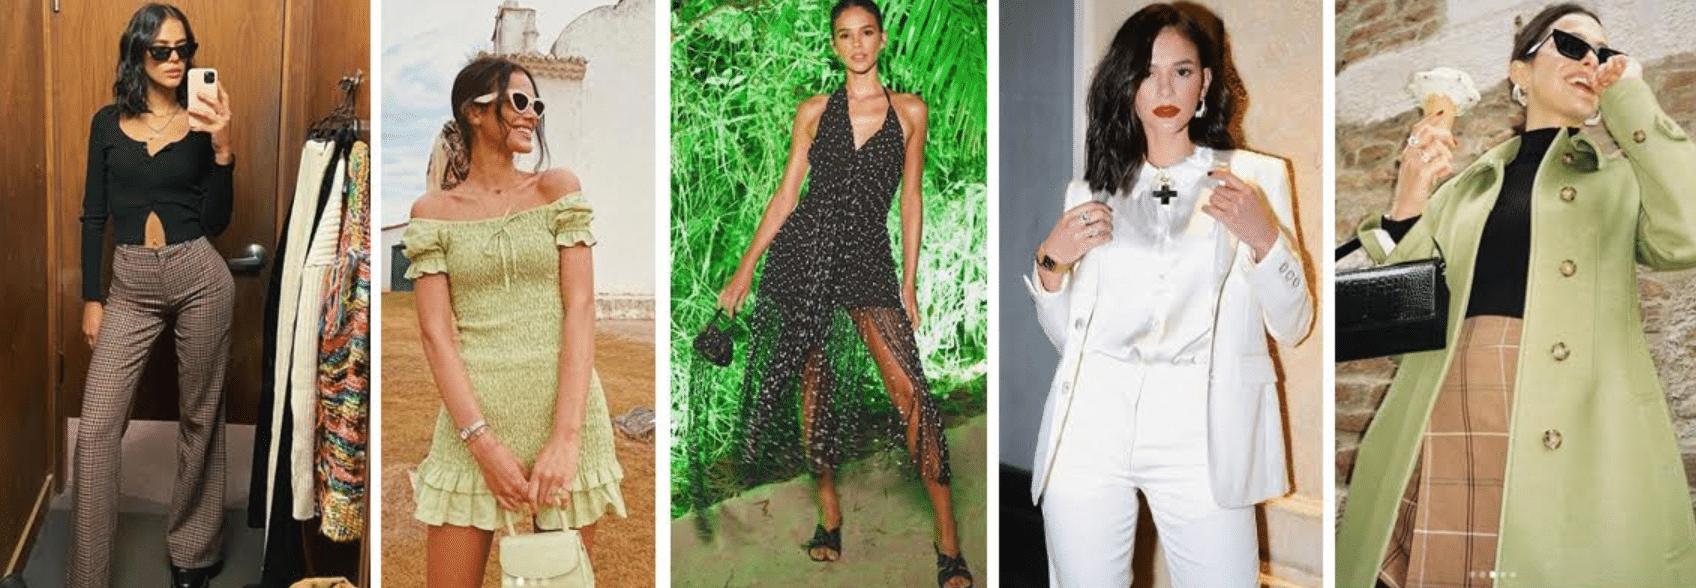 fotos da atriz bruna marquezine usando diversos looksk